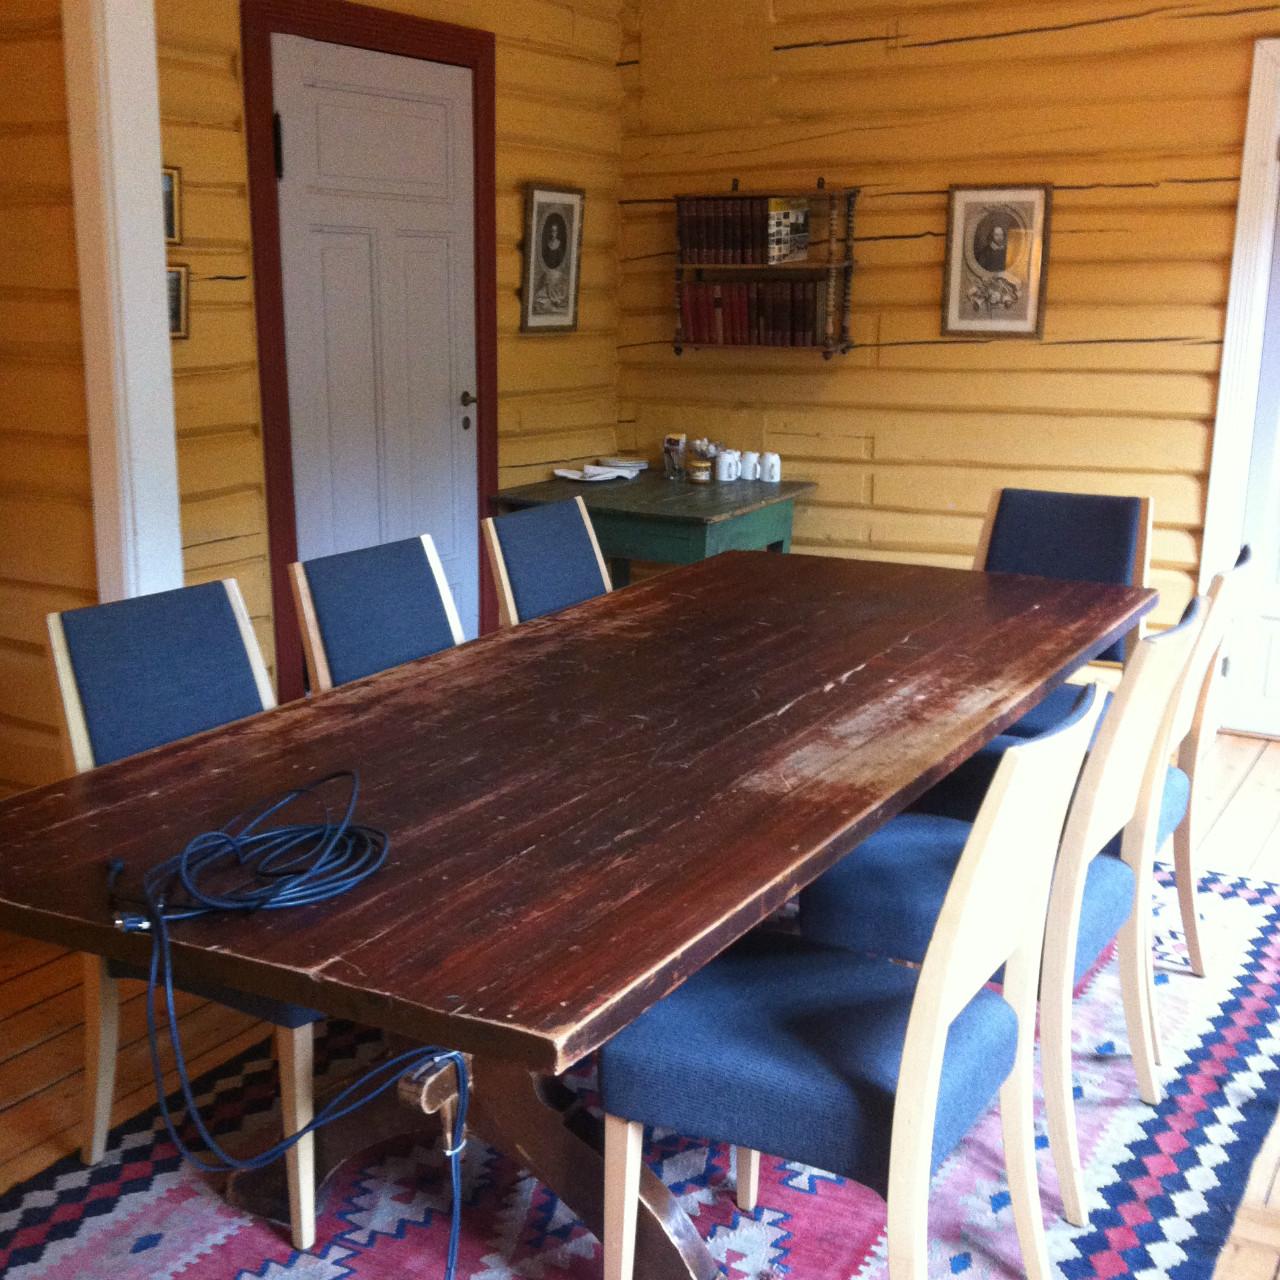 Burheim-Kleivstua-Meeting-Room-Old-View-VGA-HDMI-Table.JPG